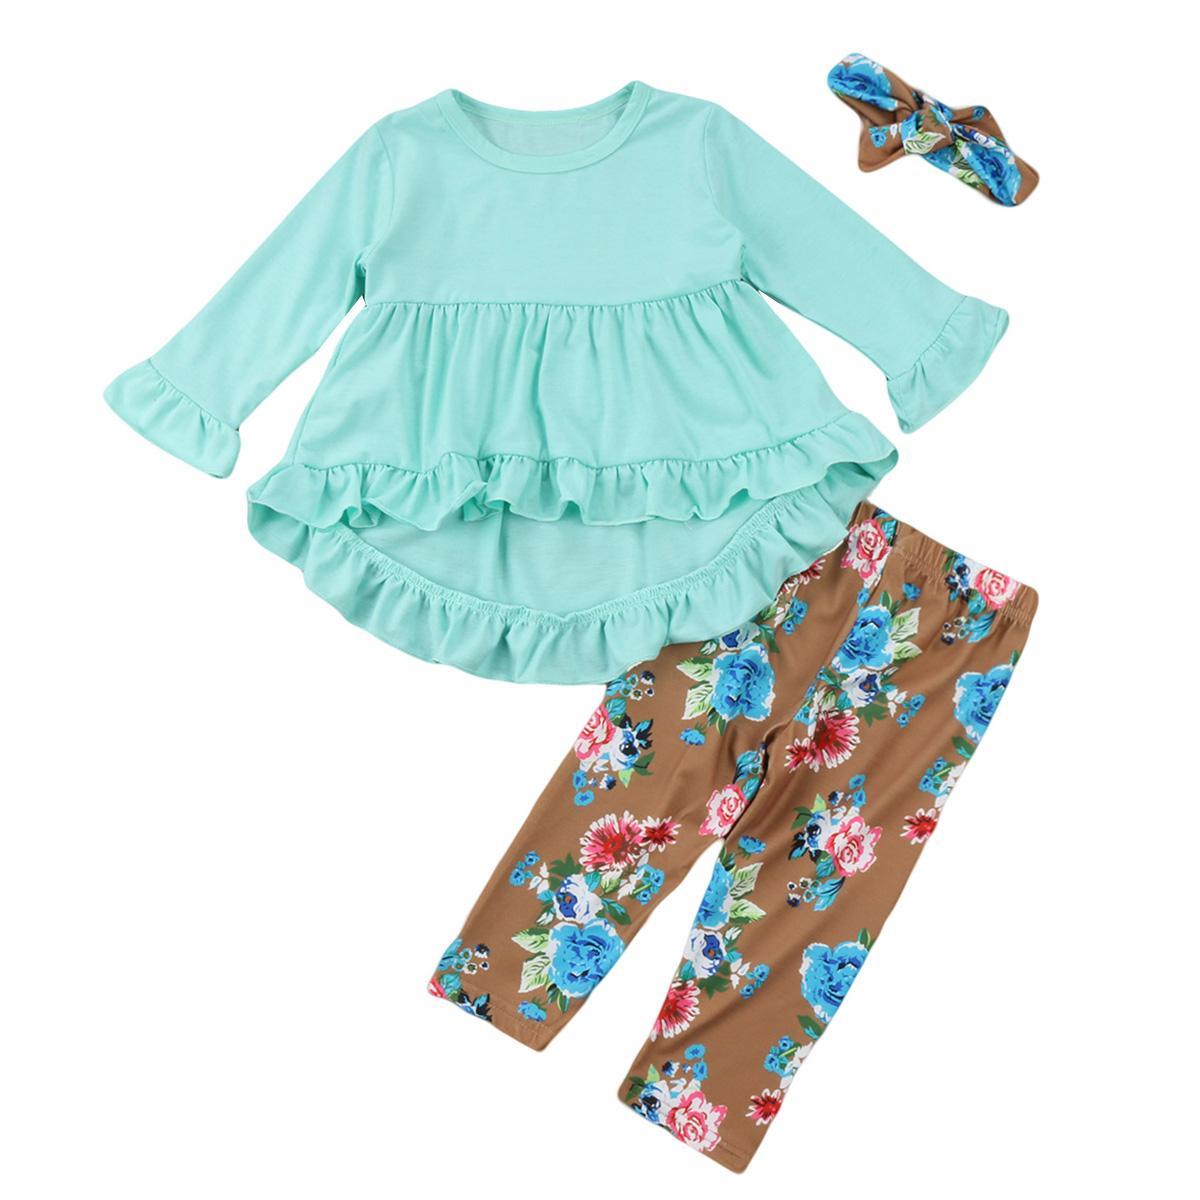 새로운 패션 어린 여자 의류 블루 주름 t 셔츠 탑 + 꽃 무늬 바지 머리띠 3PCS 유아 아동 의류